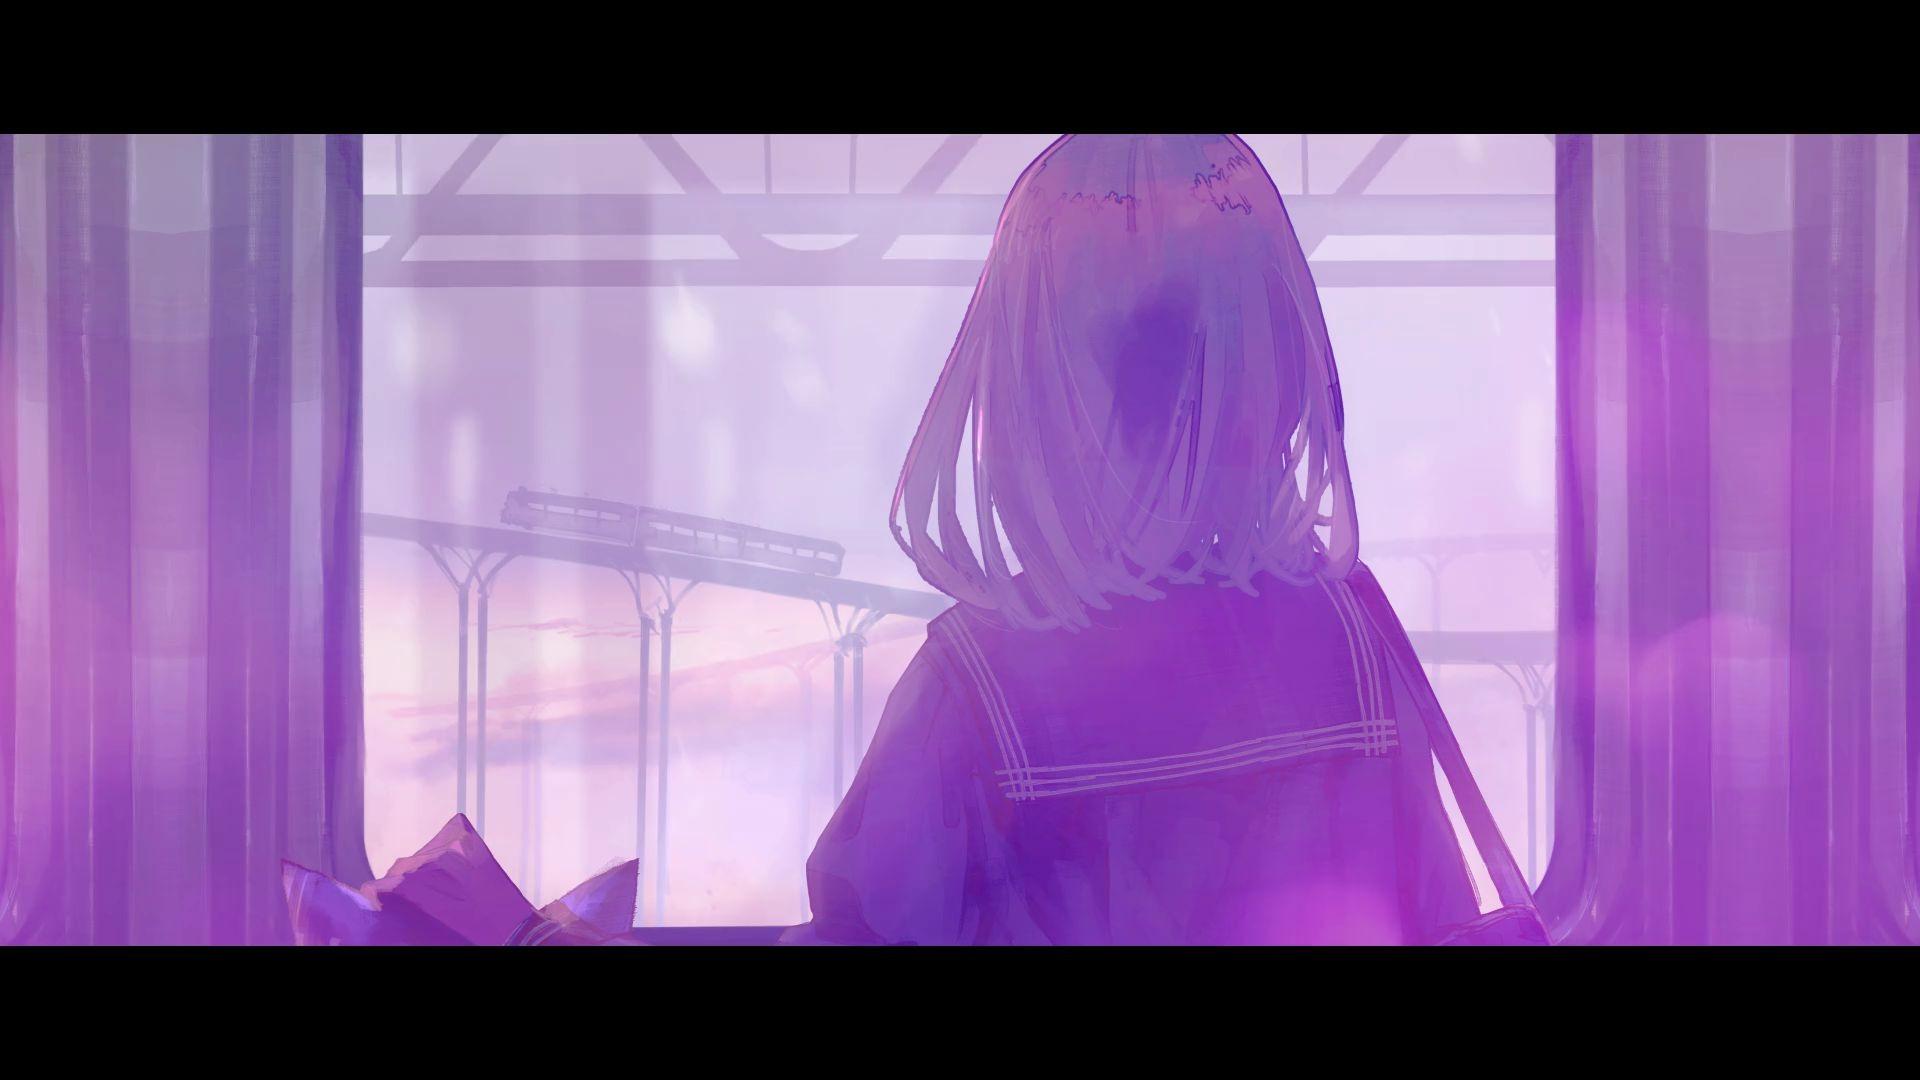 日语版《好想爱这个世界啊》翻唱【鹿乃】